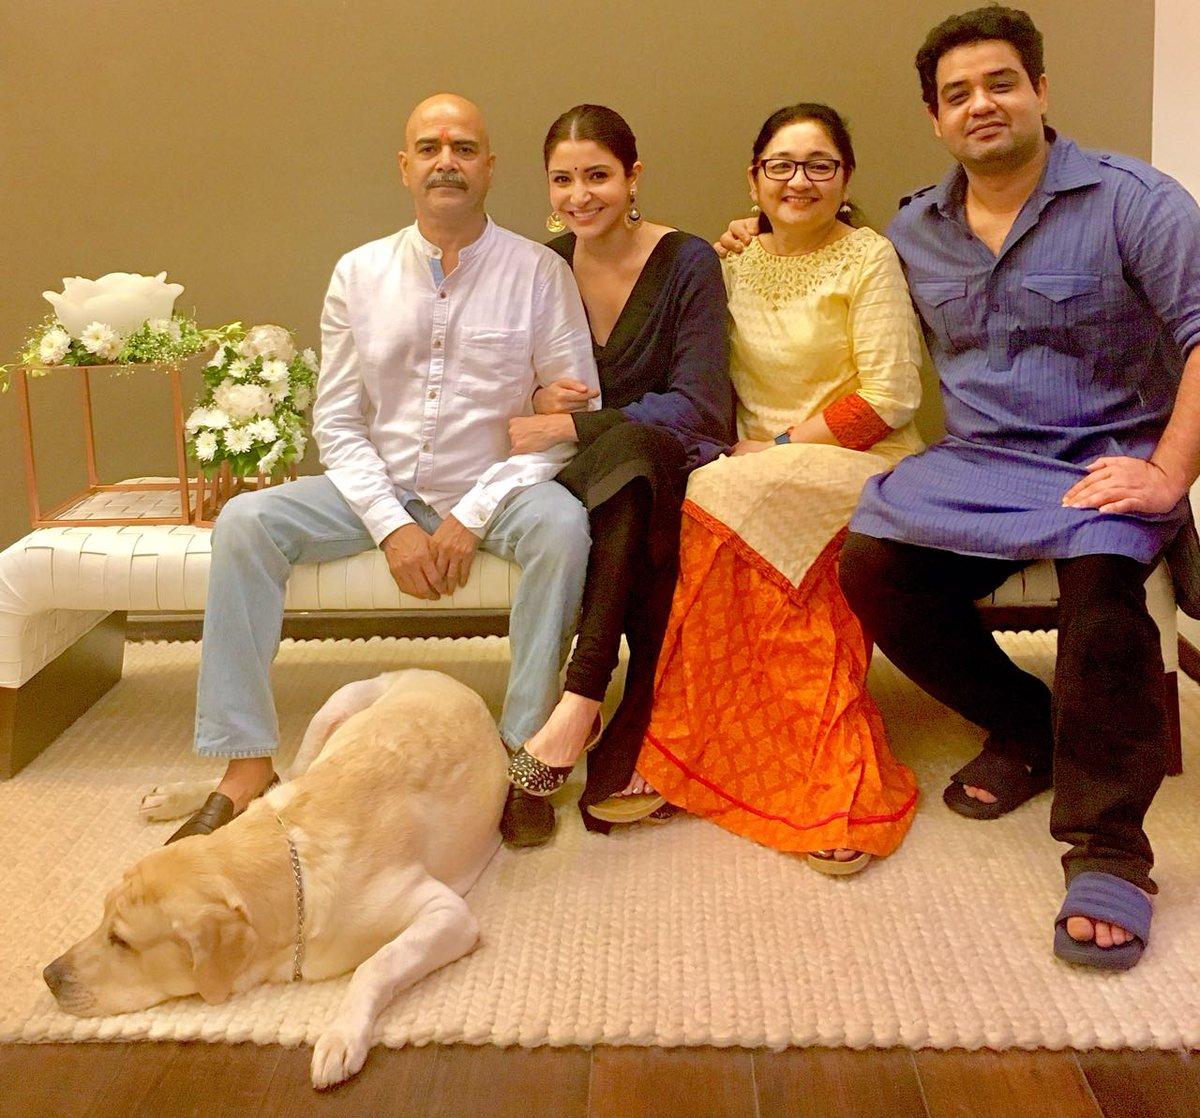 family of anushka sharma